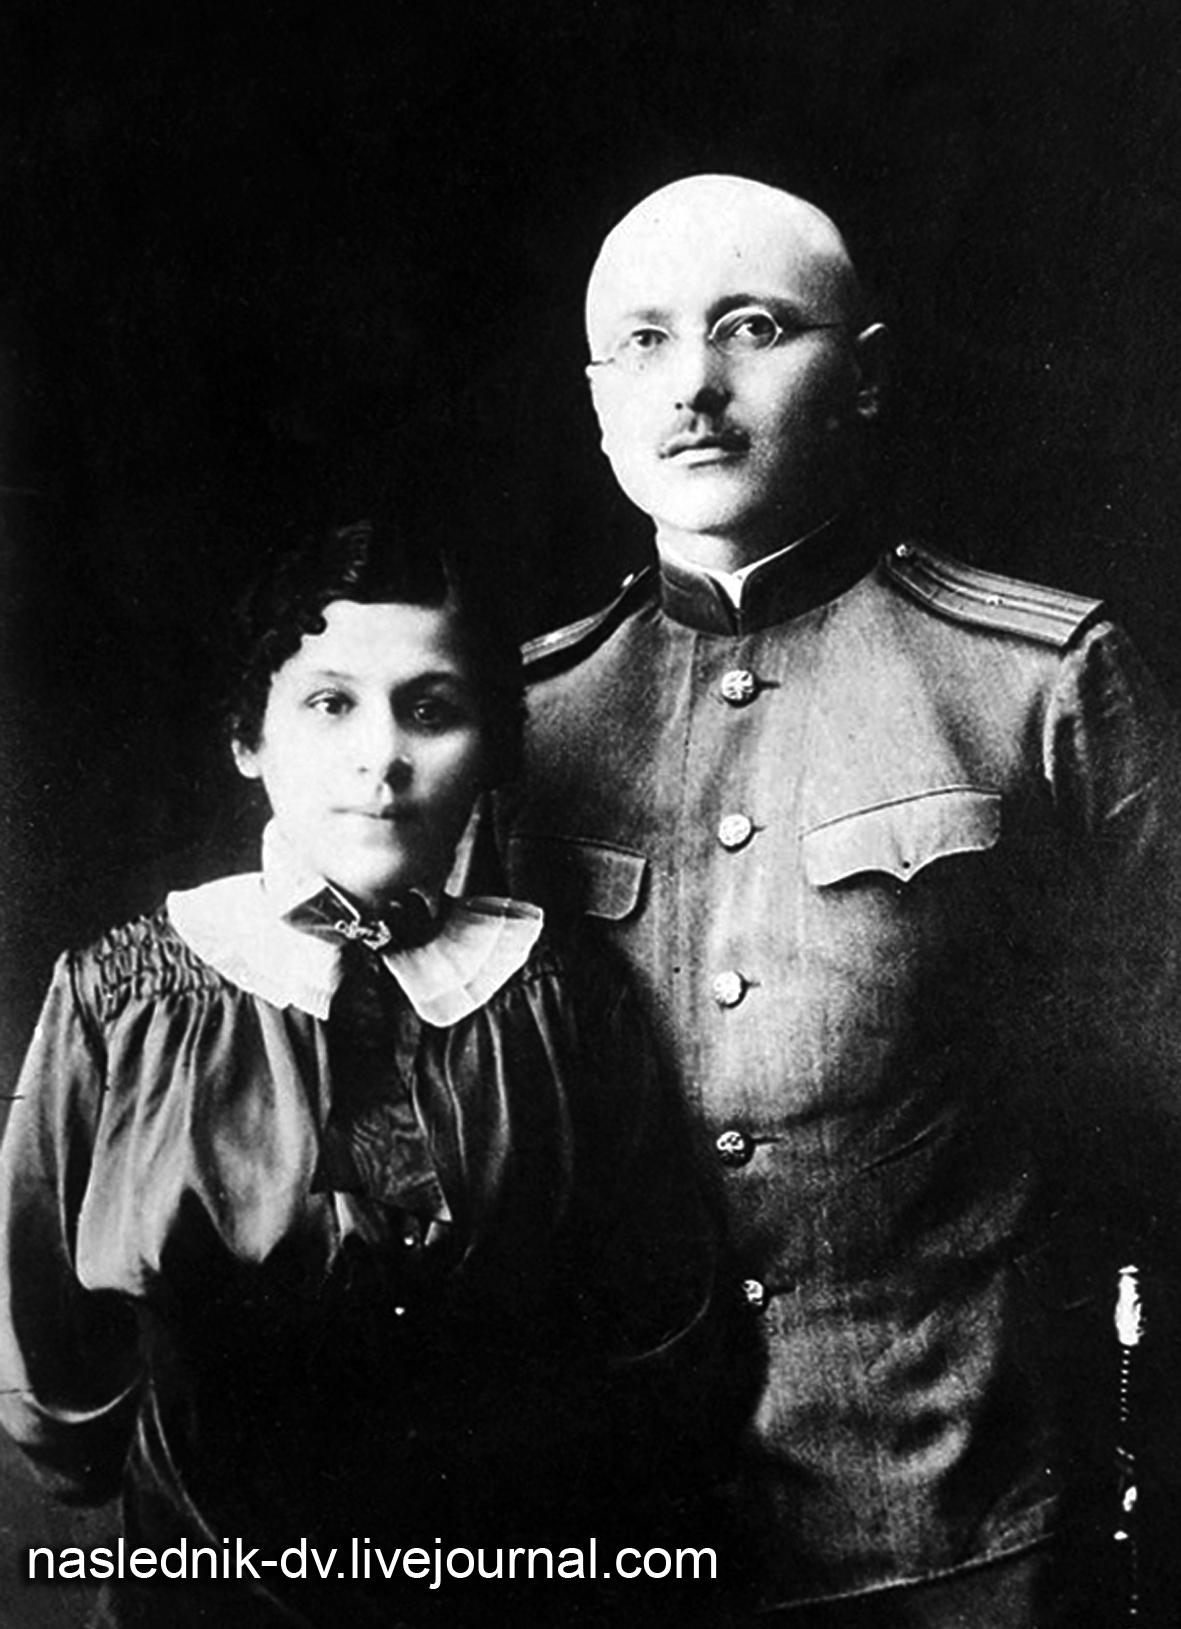 Дмитрий Семёнович Бузин (Бич) с женой Марией Иннокентьевной Мефодьевой